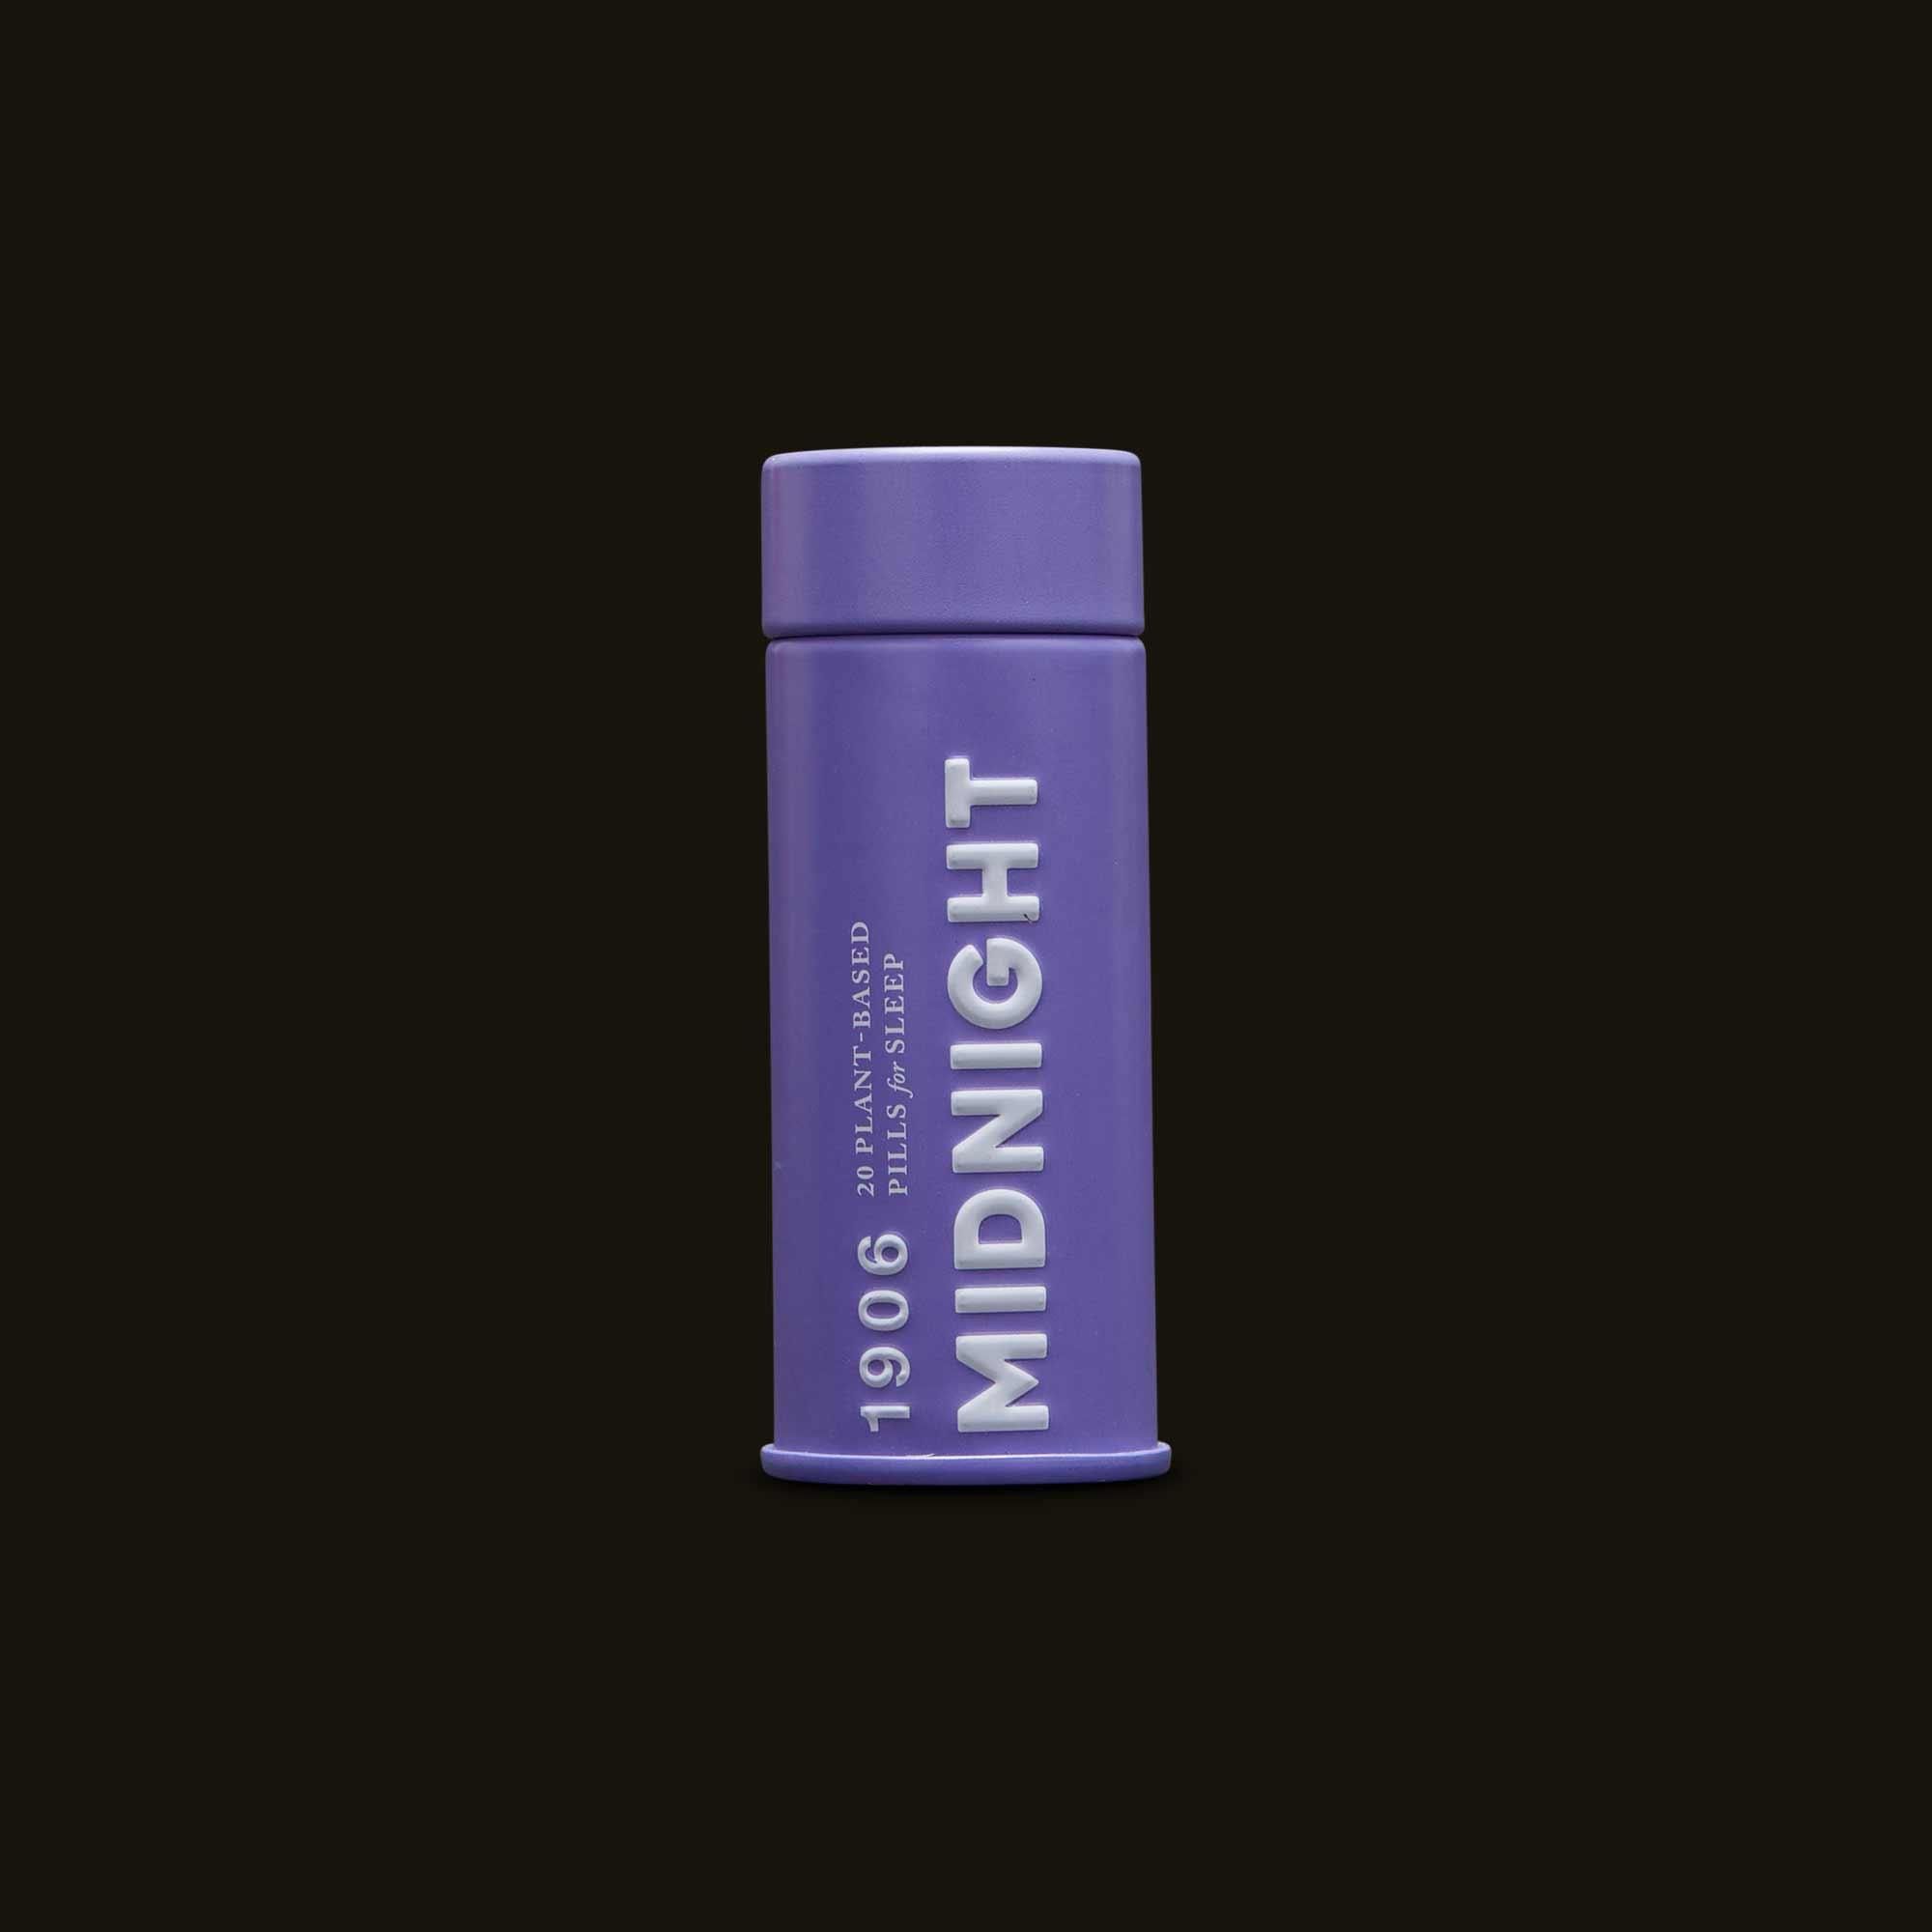 Midnight Drops - 20 drops